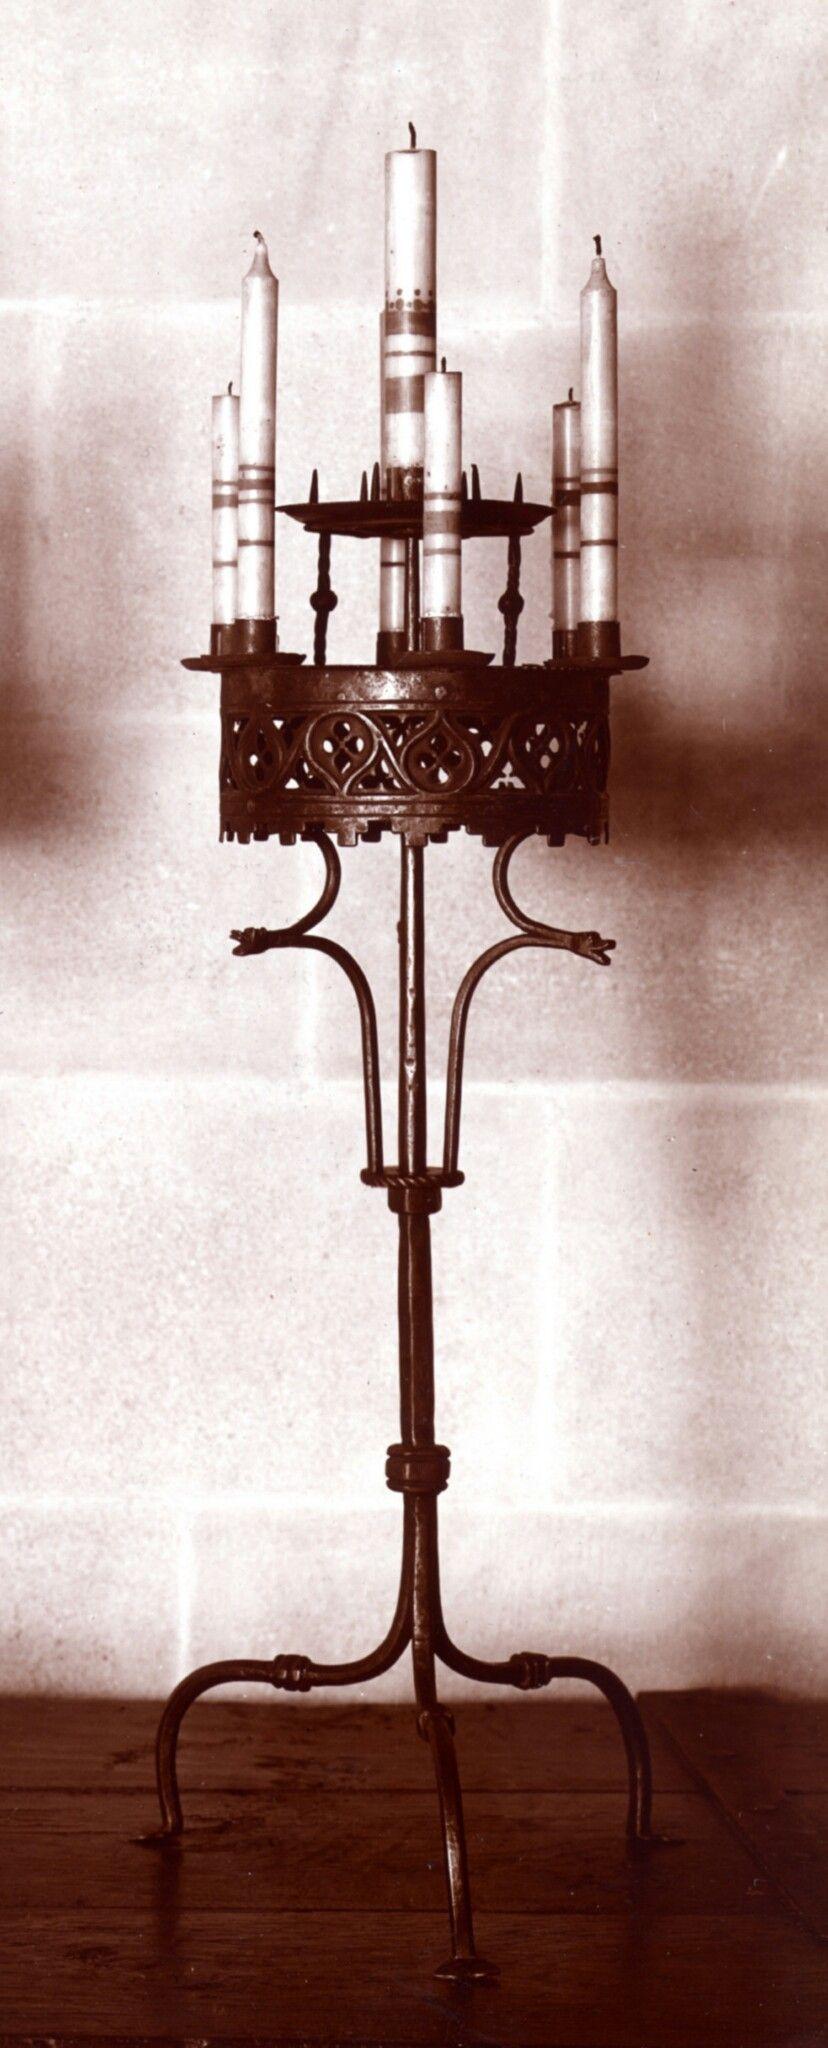 Candelabra Date 15th Century Culture European Medium Iron Gothic Chandelier Chandelier Candle Holder Candelabra